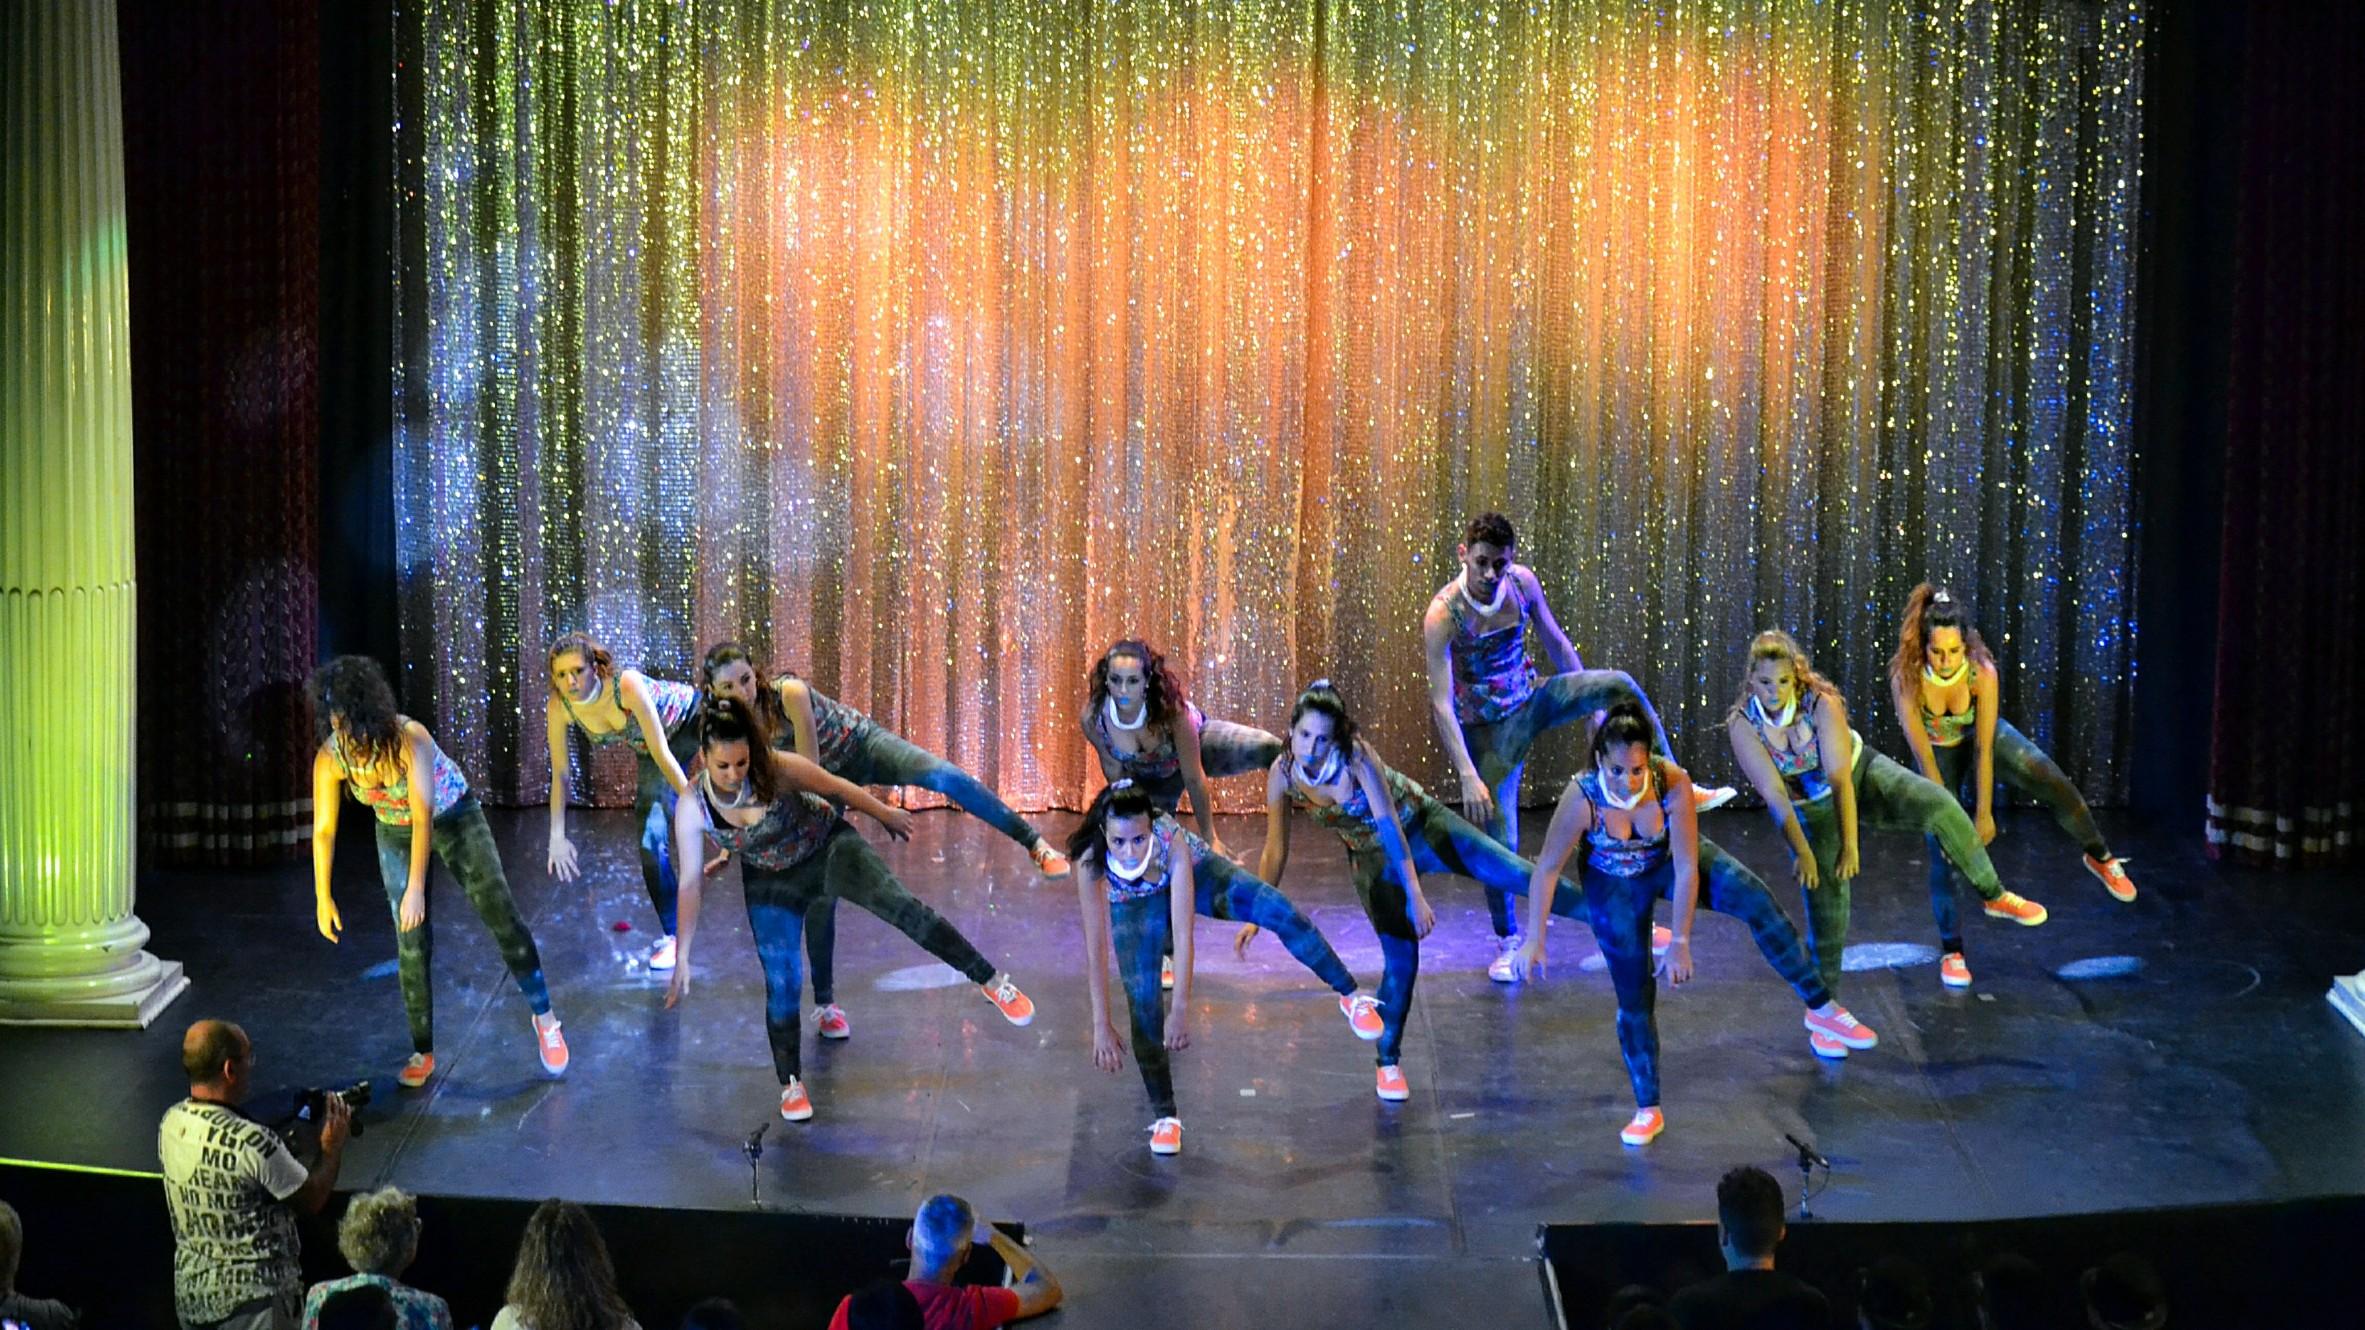 Linea-de-Baile-festival-verano-2015-clases-de-baile-valencia-69